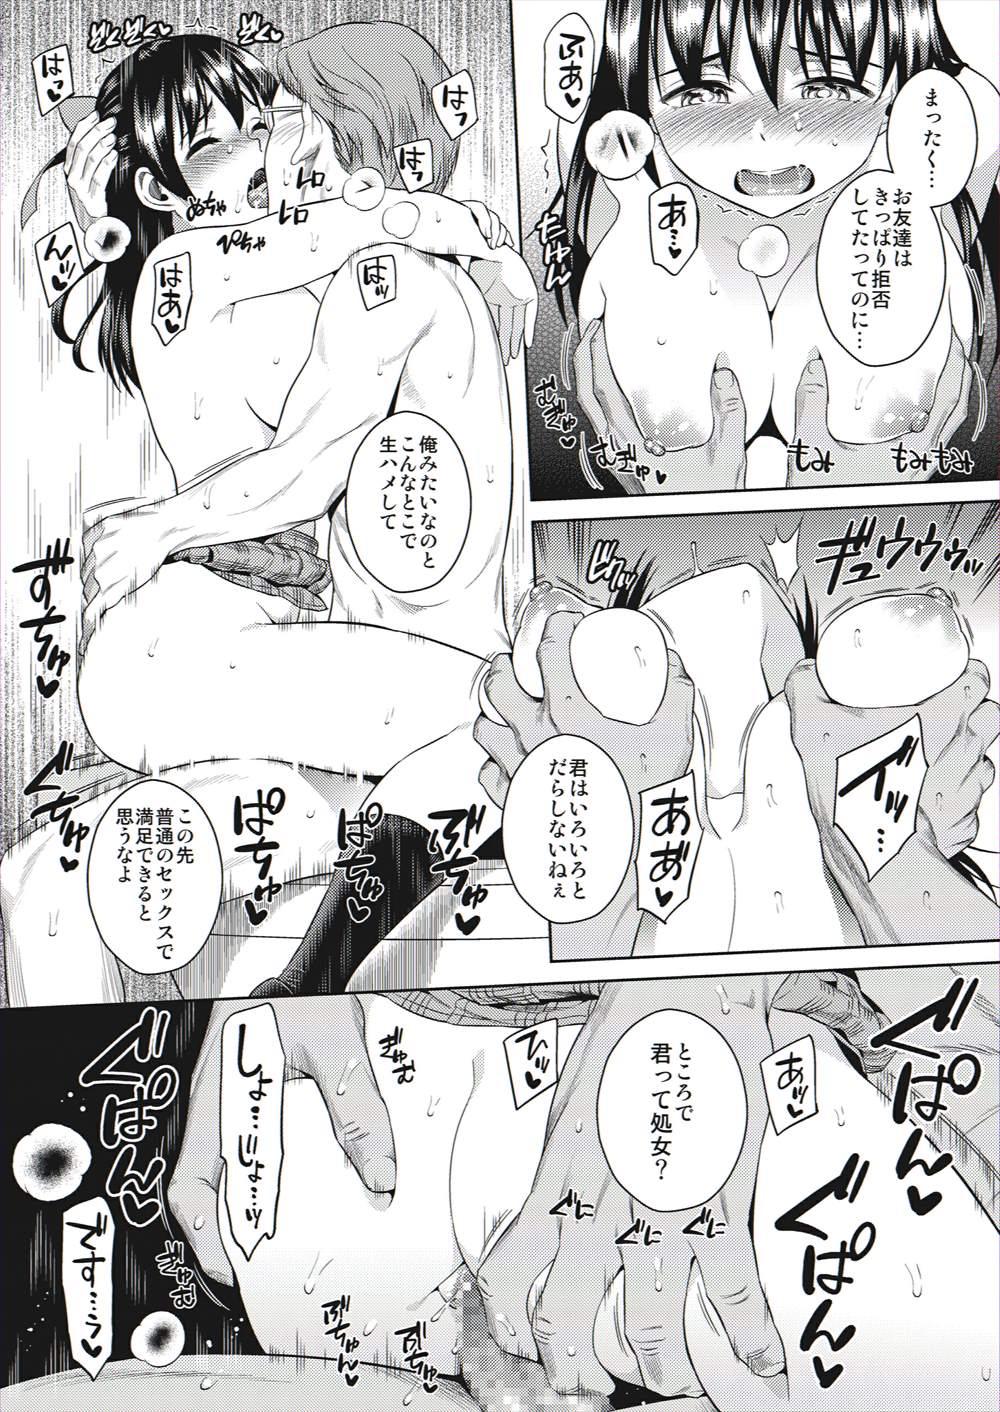 【エロ同人誌】痴漢されることに興奮を覚えたJKが素股されて発情し、トイレに誘ってぐちゃぐちゃなオマンコ見せおねだり!【C93/オリジナル】